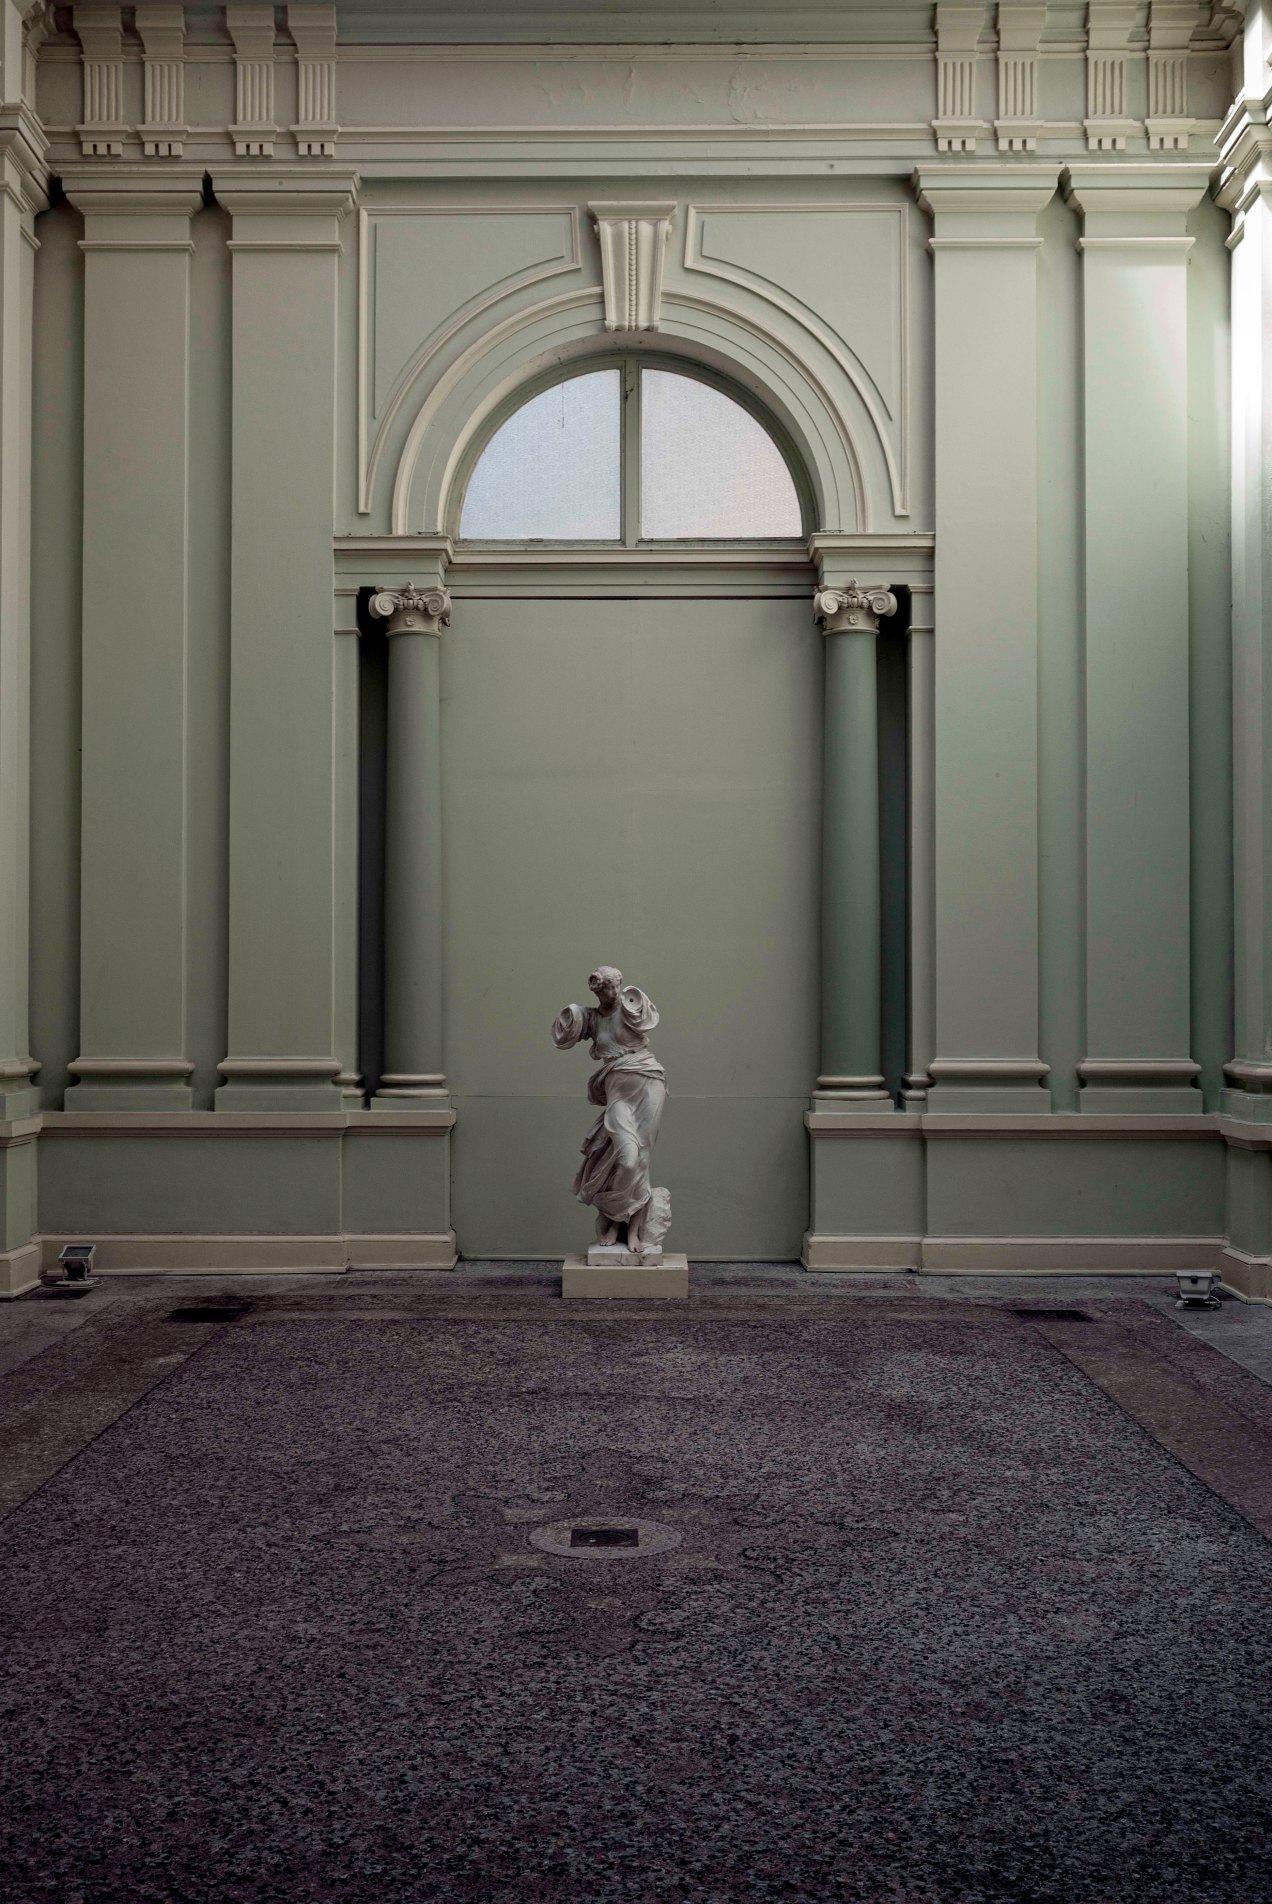 Nymphe 1910, Marbre polychrome Henri-Louis Cordier, Musée Chéret, Nice, gildalliere, 2019